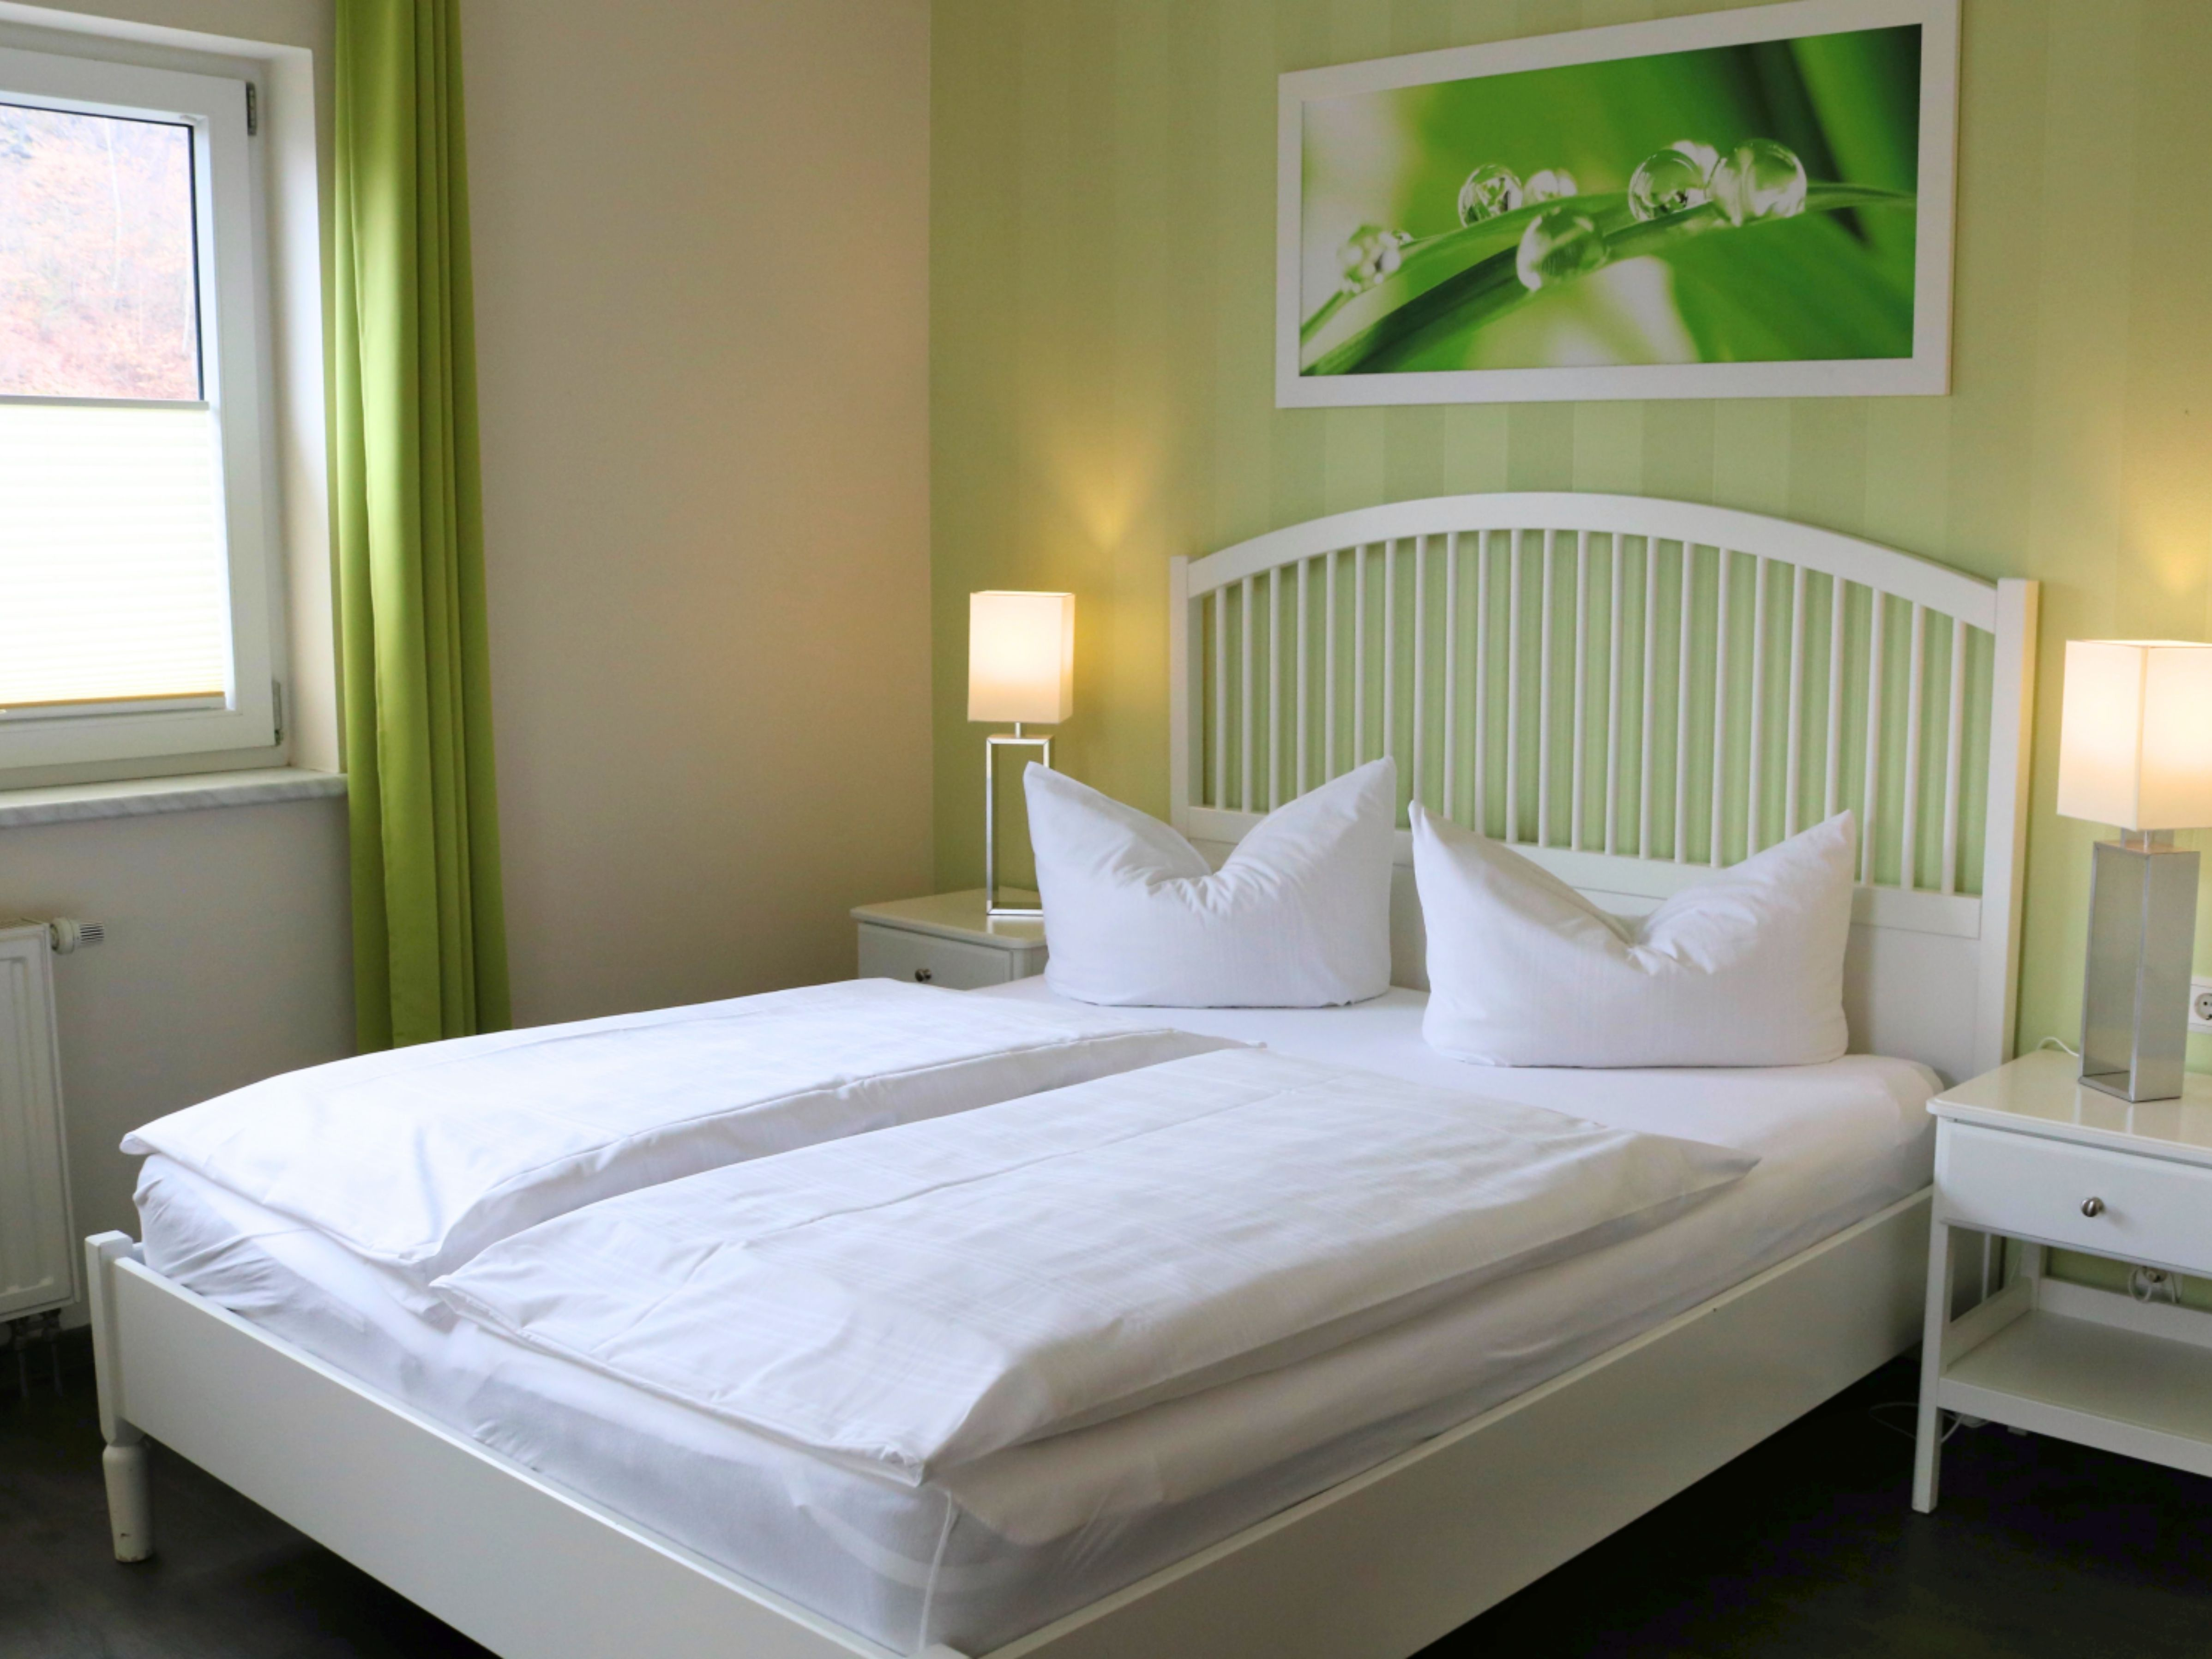 Regiohotel & Restaurant Schanzenhaus in Wernigerode - Doppelzimmer